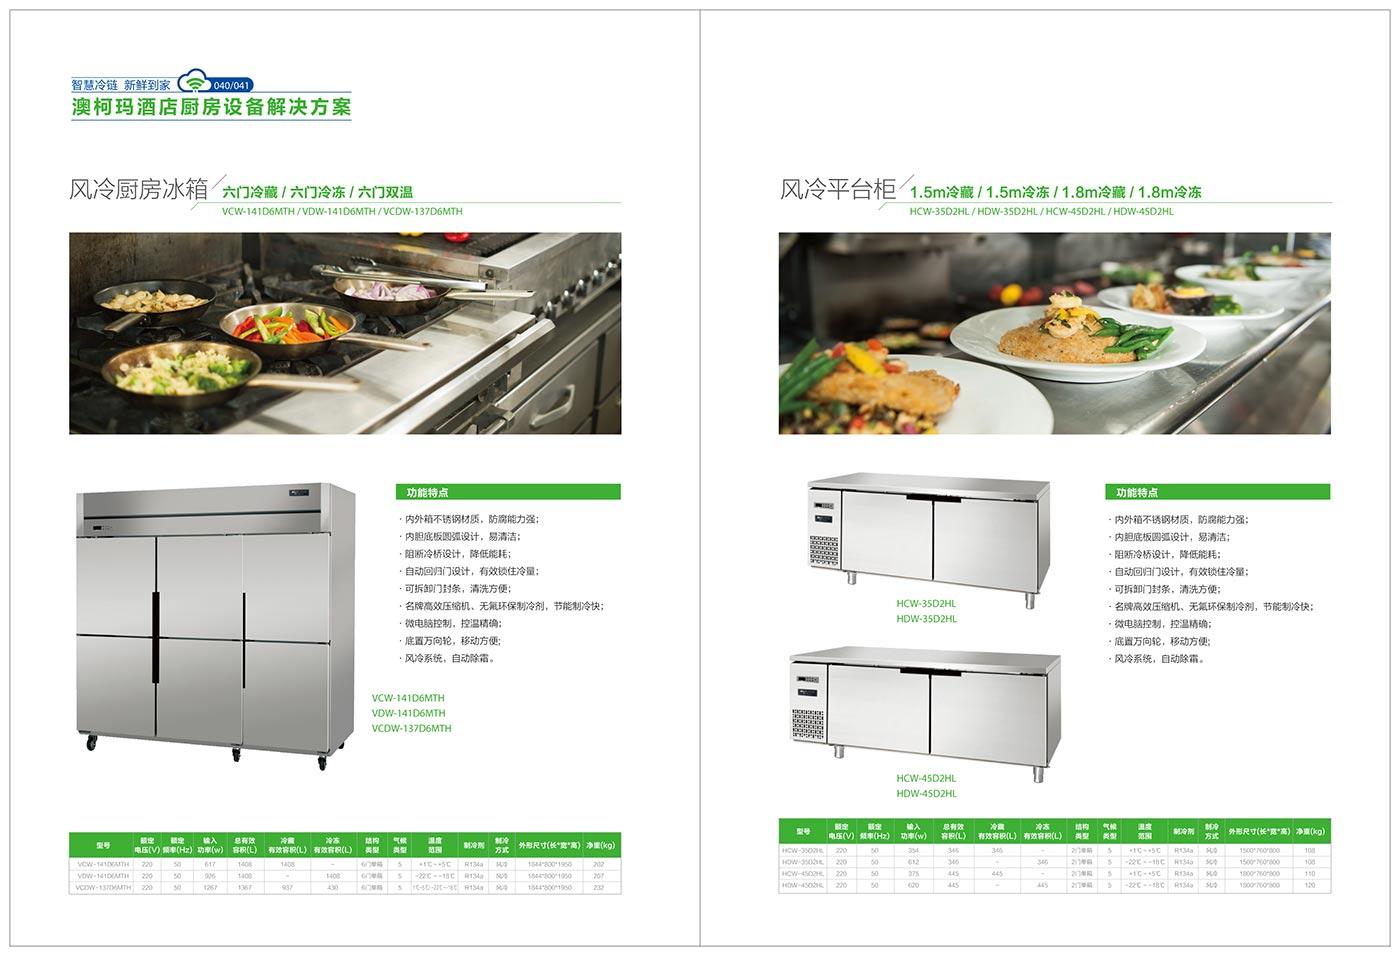 风冷厨房冰箱,风冷平台柜